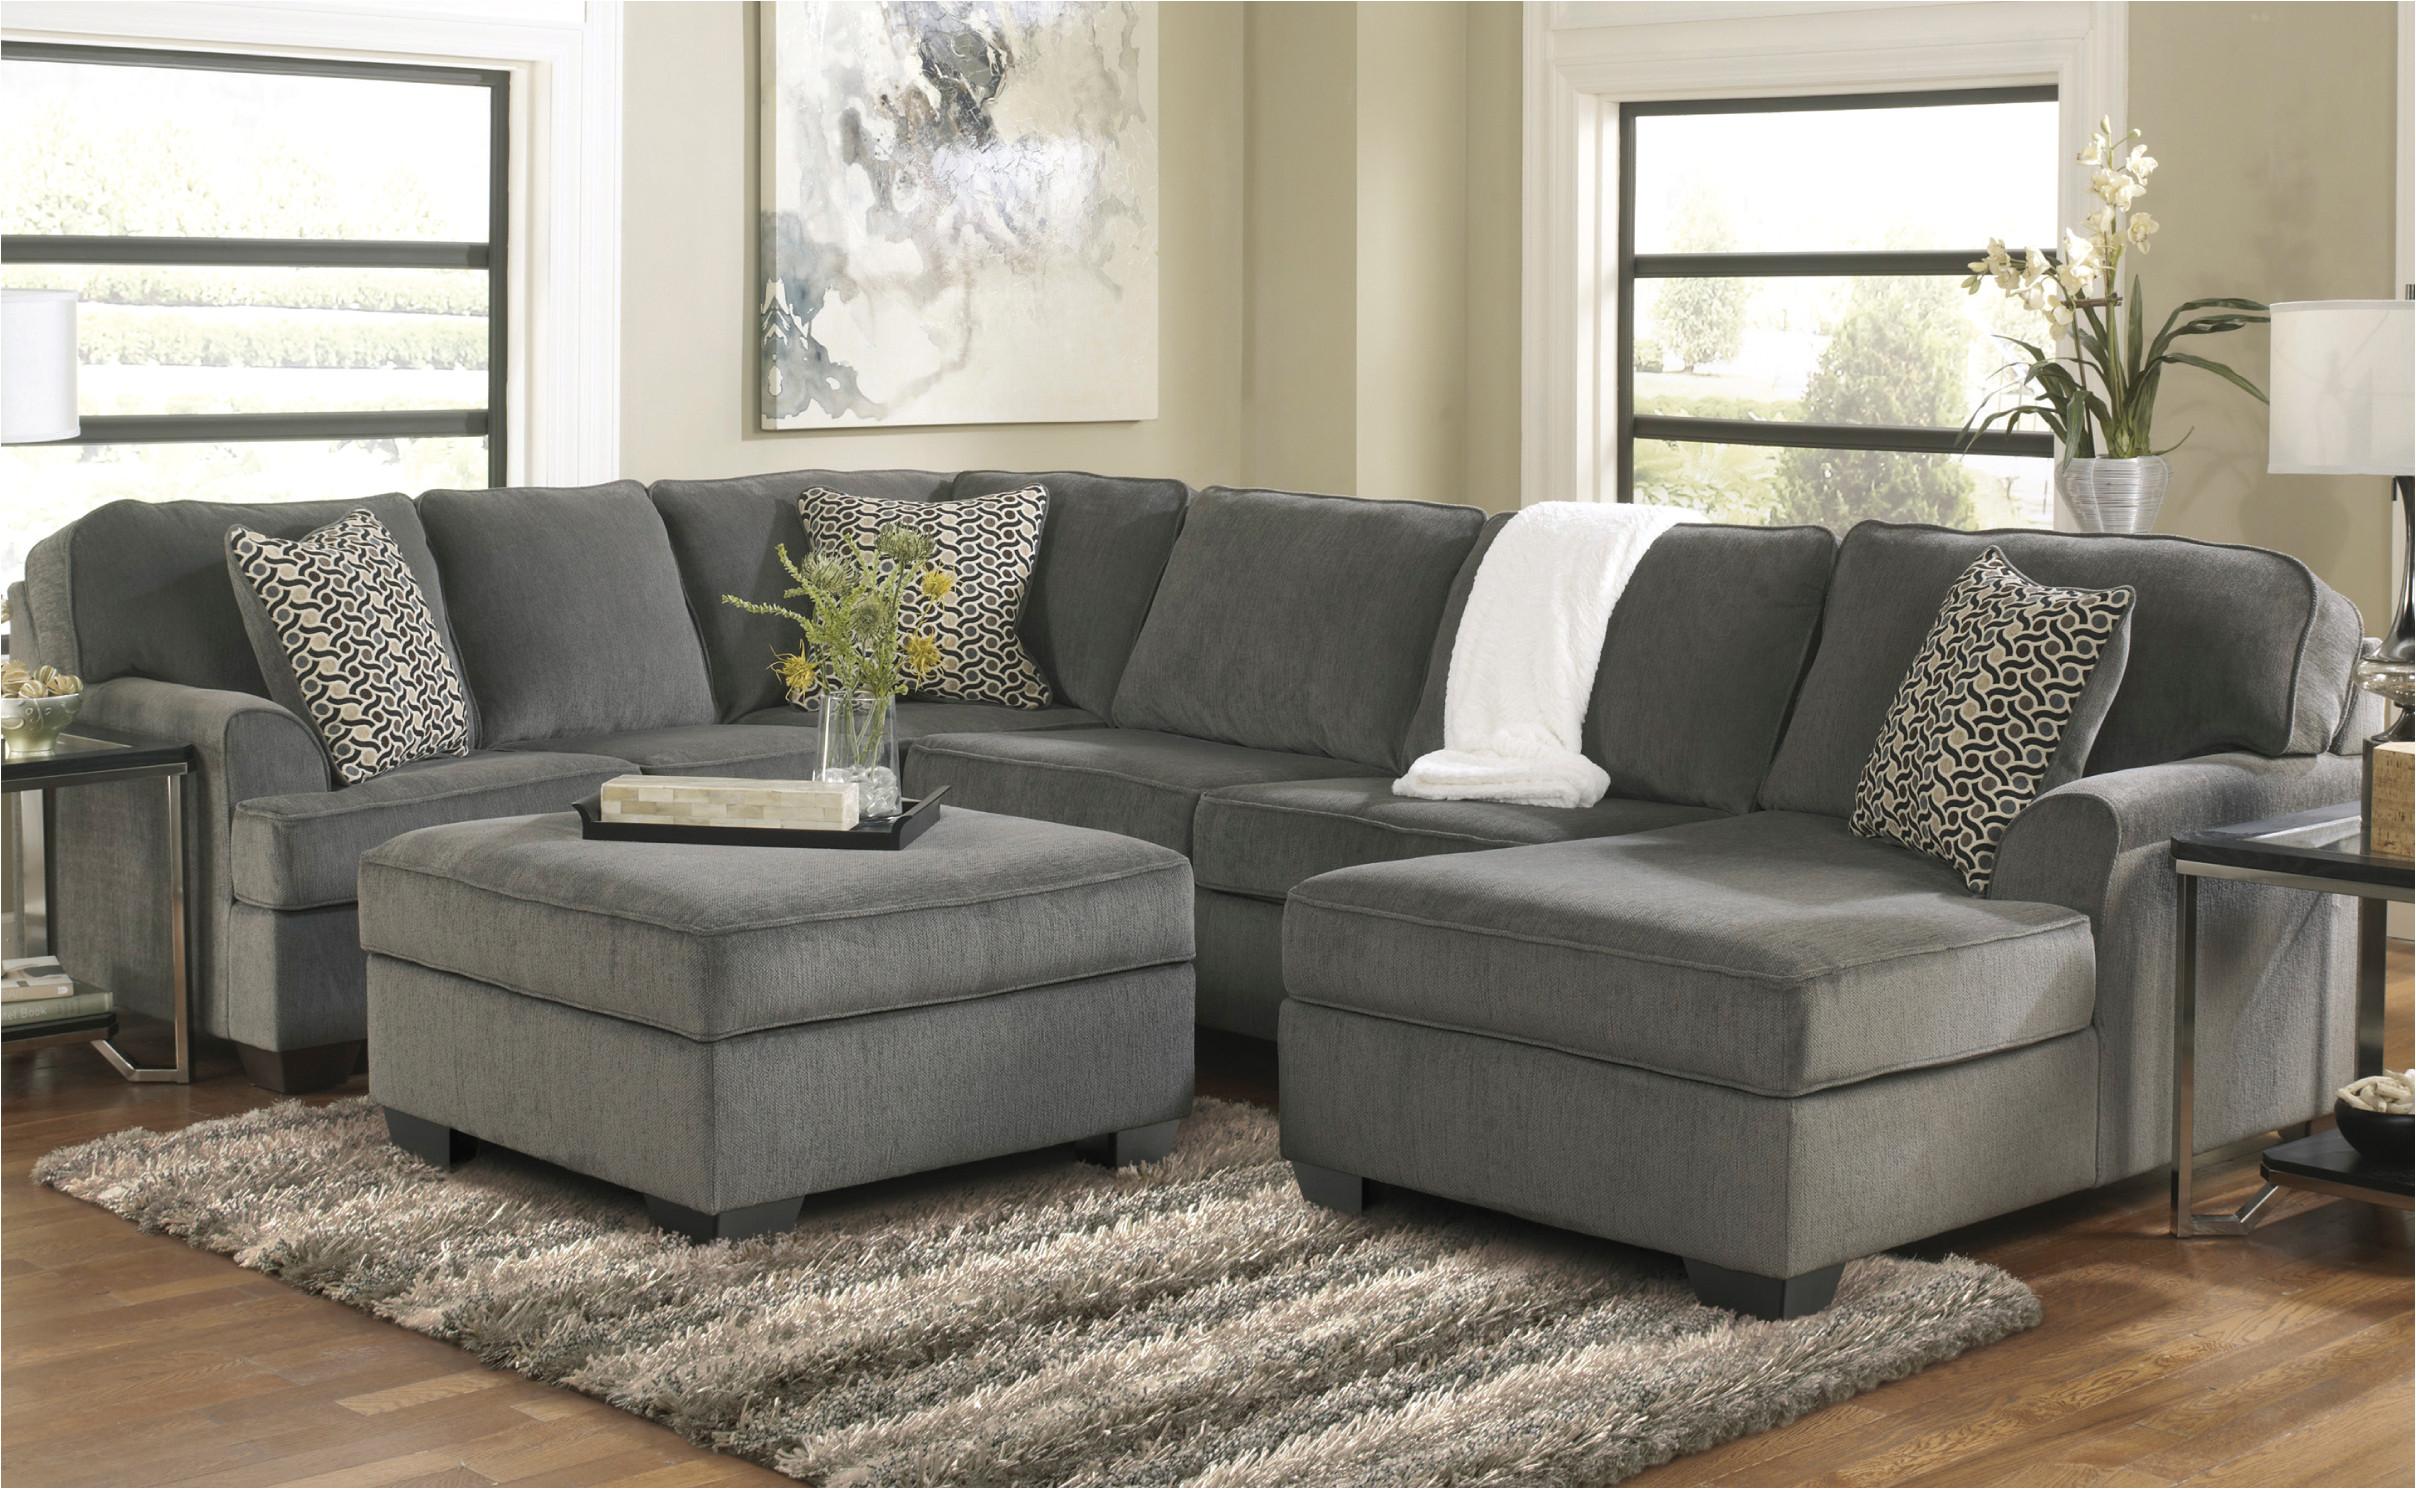 upholstery jpg